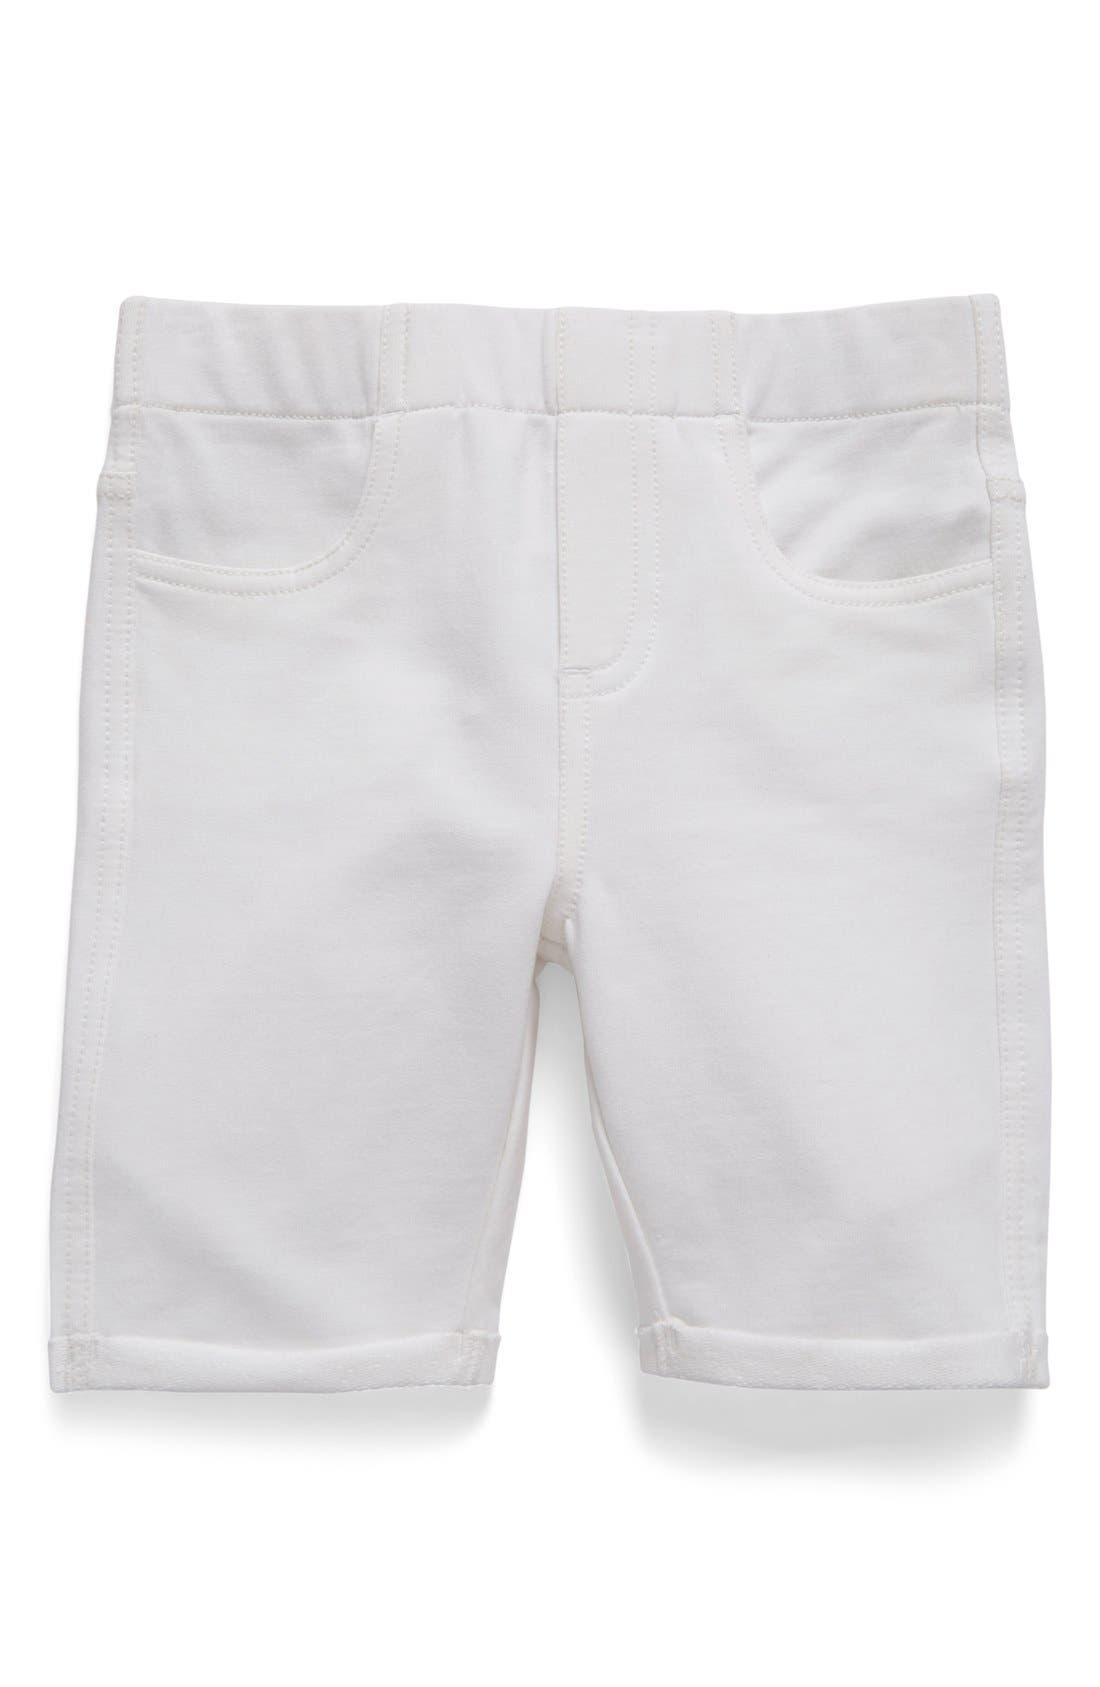 TUCKER + TATE, 'Jenna' Jegging Shorts, Main thumbnail 1, color, WHITE